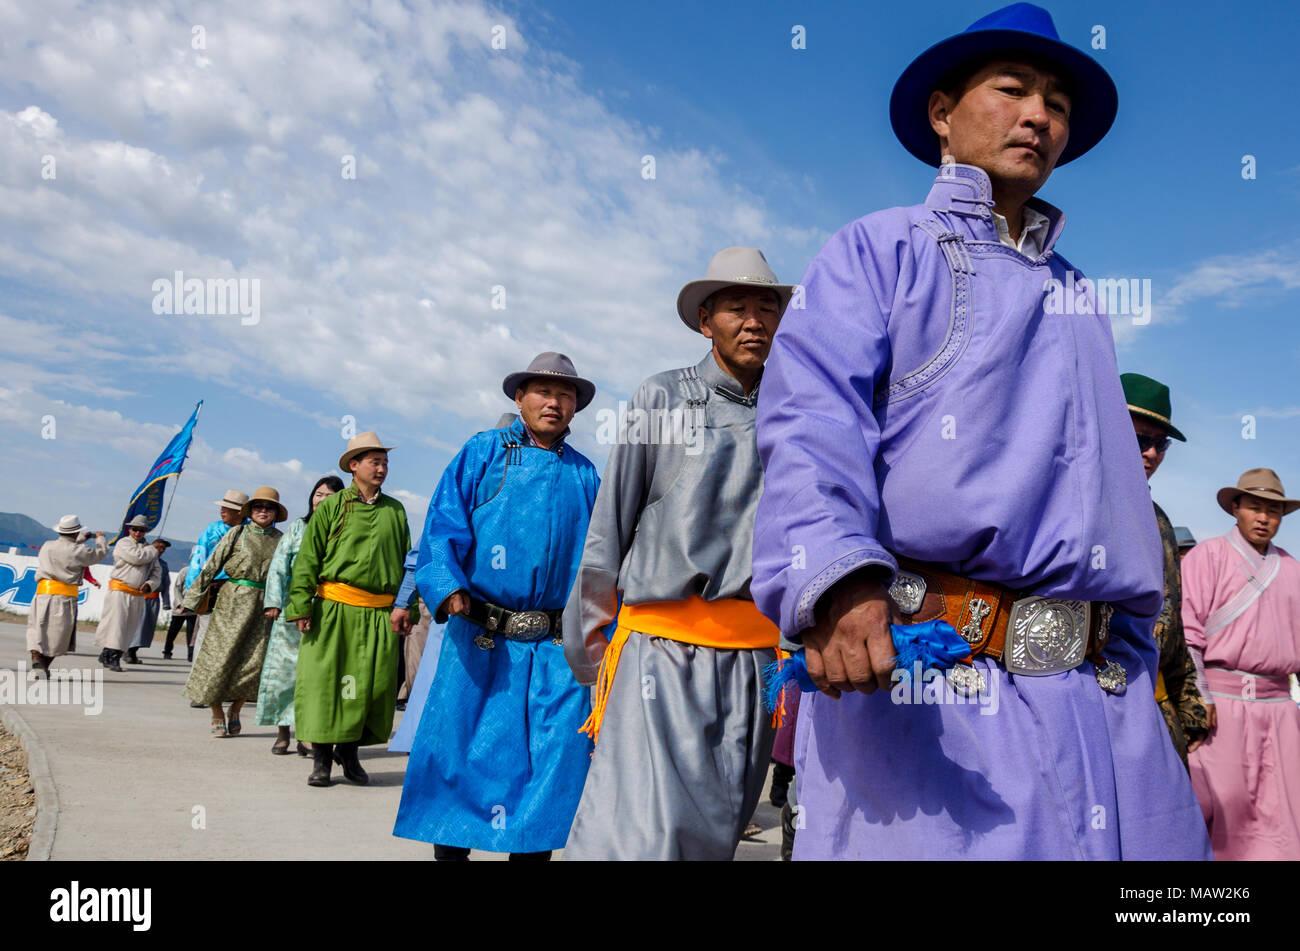 Costumi tradizionali presso il Festival di Naadam cerimonia di apertura, Murun, Mongolia Foto Stock